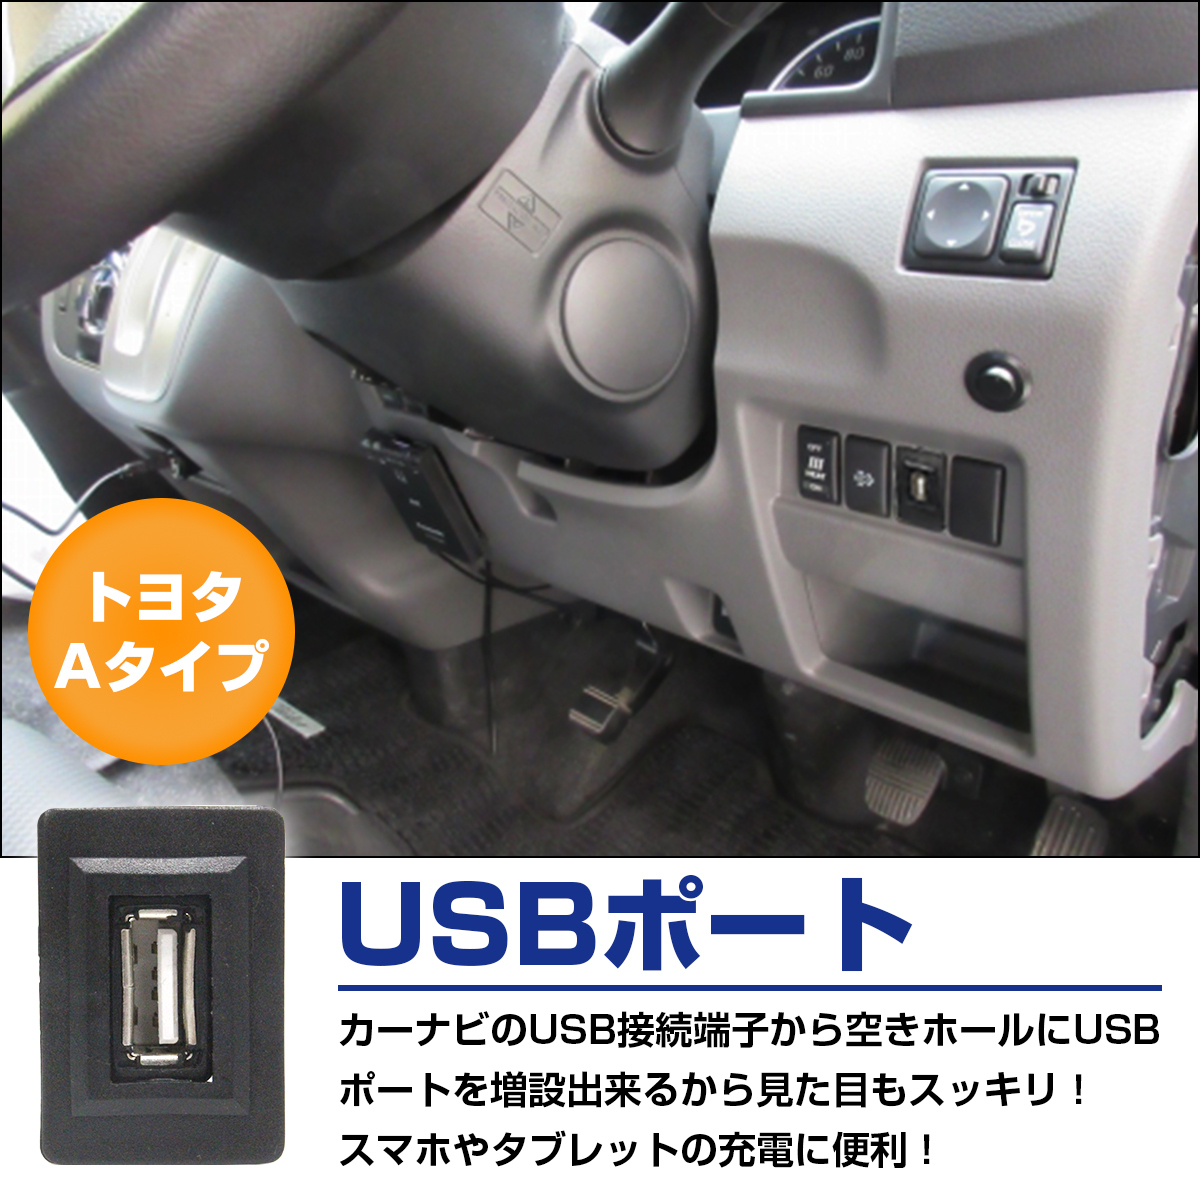 【トヨタAタイプ】 ヴィッツ UZJ/HDJ100系 H17.2~H22.11 純正風 USB接続通信パネル 配線付 USB1ポート 埋め込み 増設USBケーブル 2.1A 12V_swhl-b-001-bk-01-a